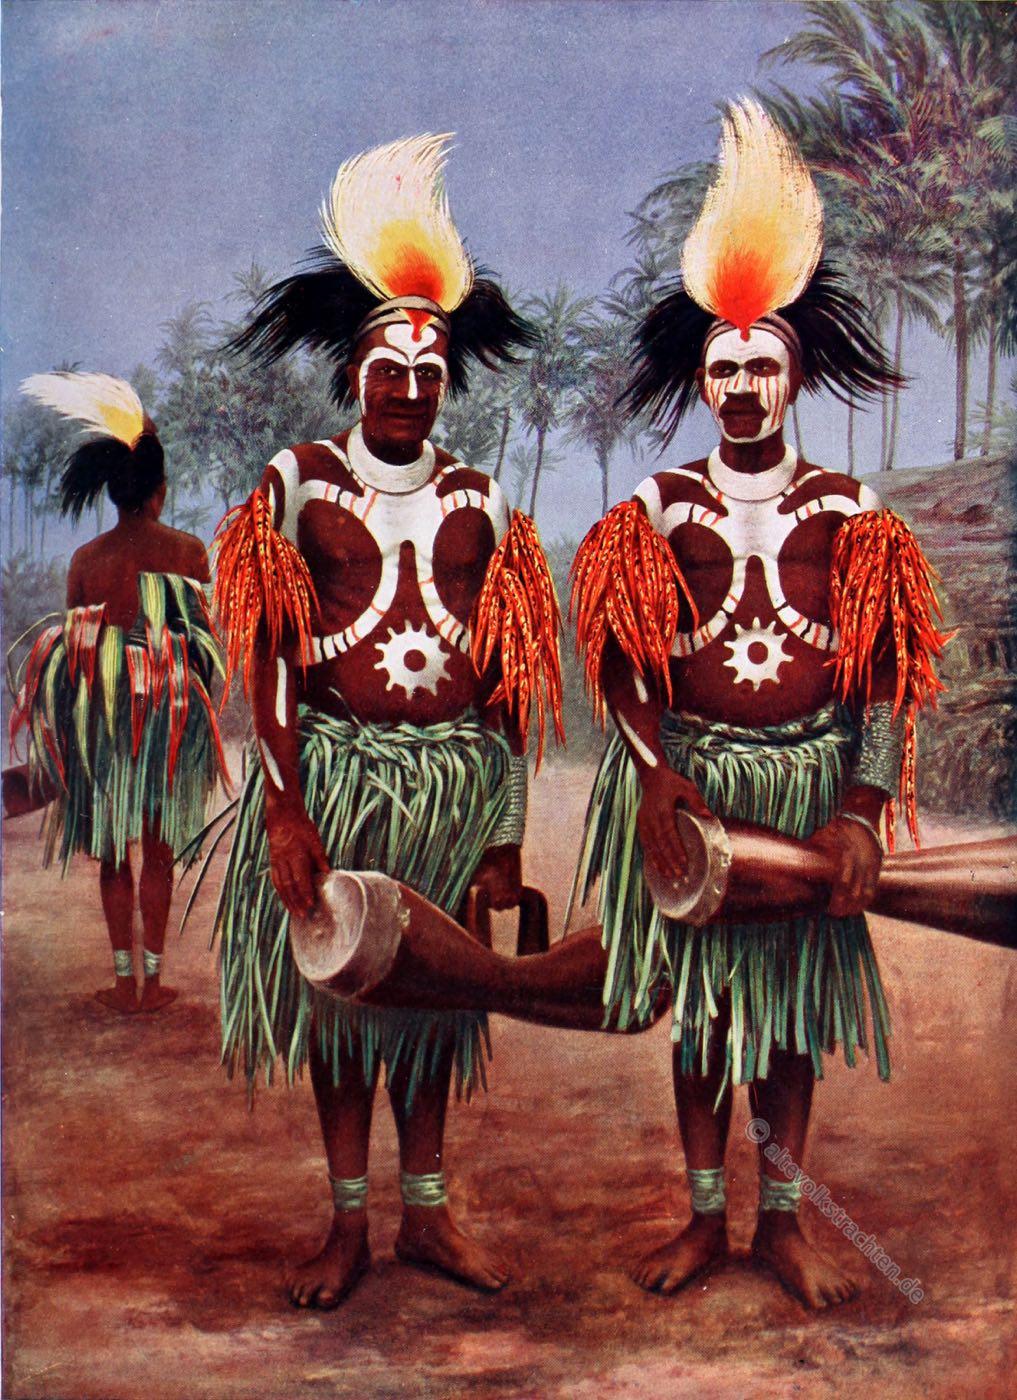 Tänzer, Körperbemalung, Flyriver, Festtracht, Neuguinea, Trachten, Musikinstrumente,